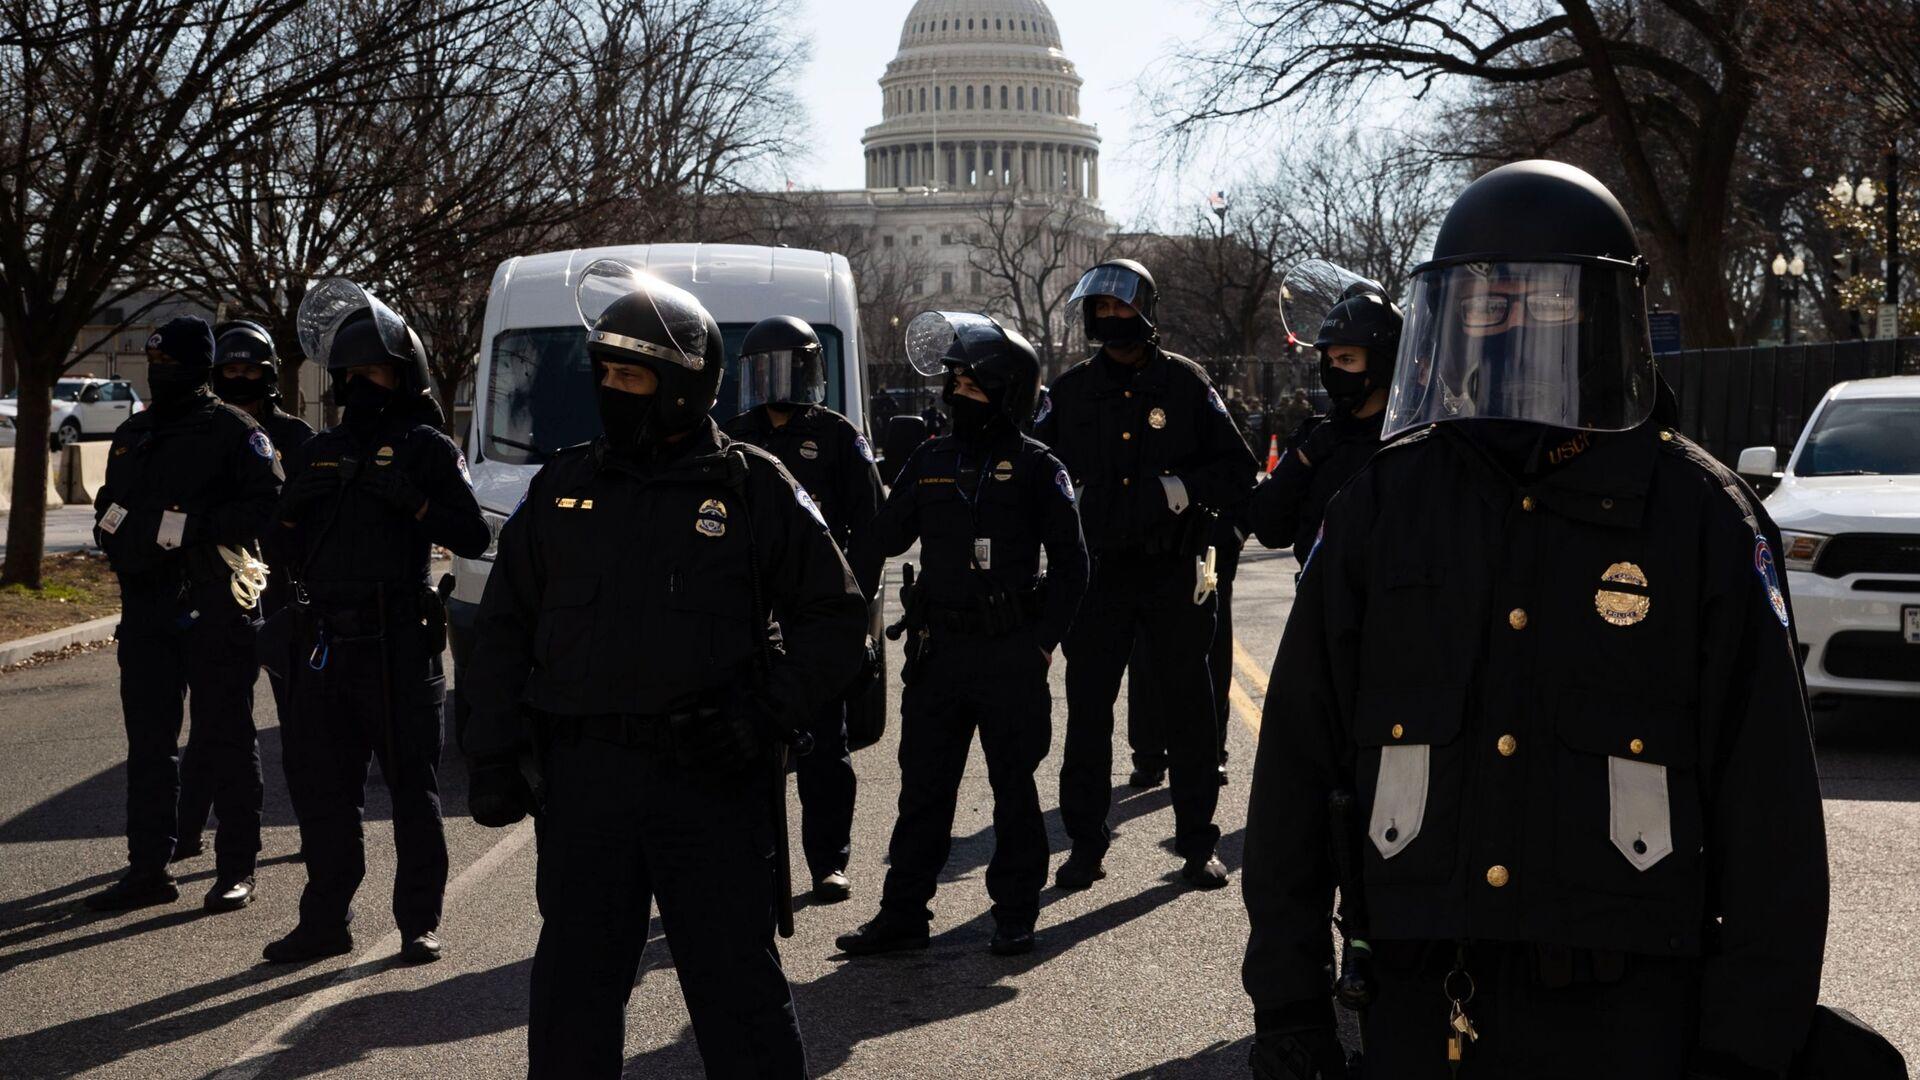 Funkcjonariusze policji pełnią służbę podczas ceremonii inauguracji prezydenta elekta USA Josepha Bidena na ulicy w pobliżu Kapitolu w Waszyngtonie - Sputnik Polska, 1920, 19.08.2021